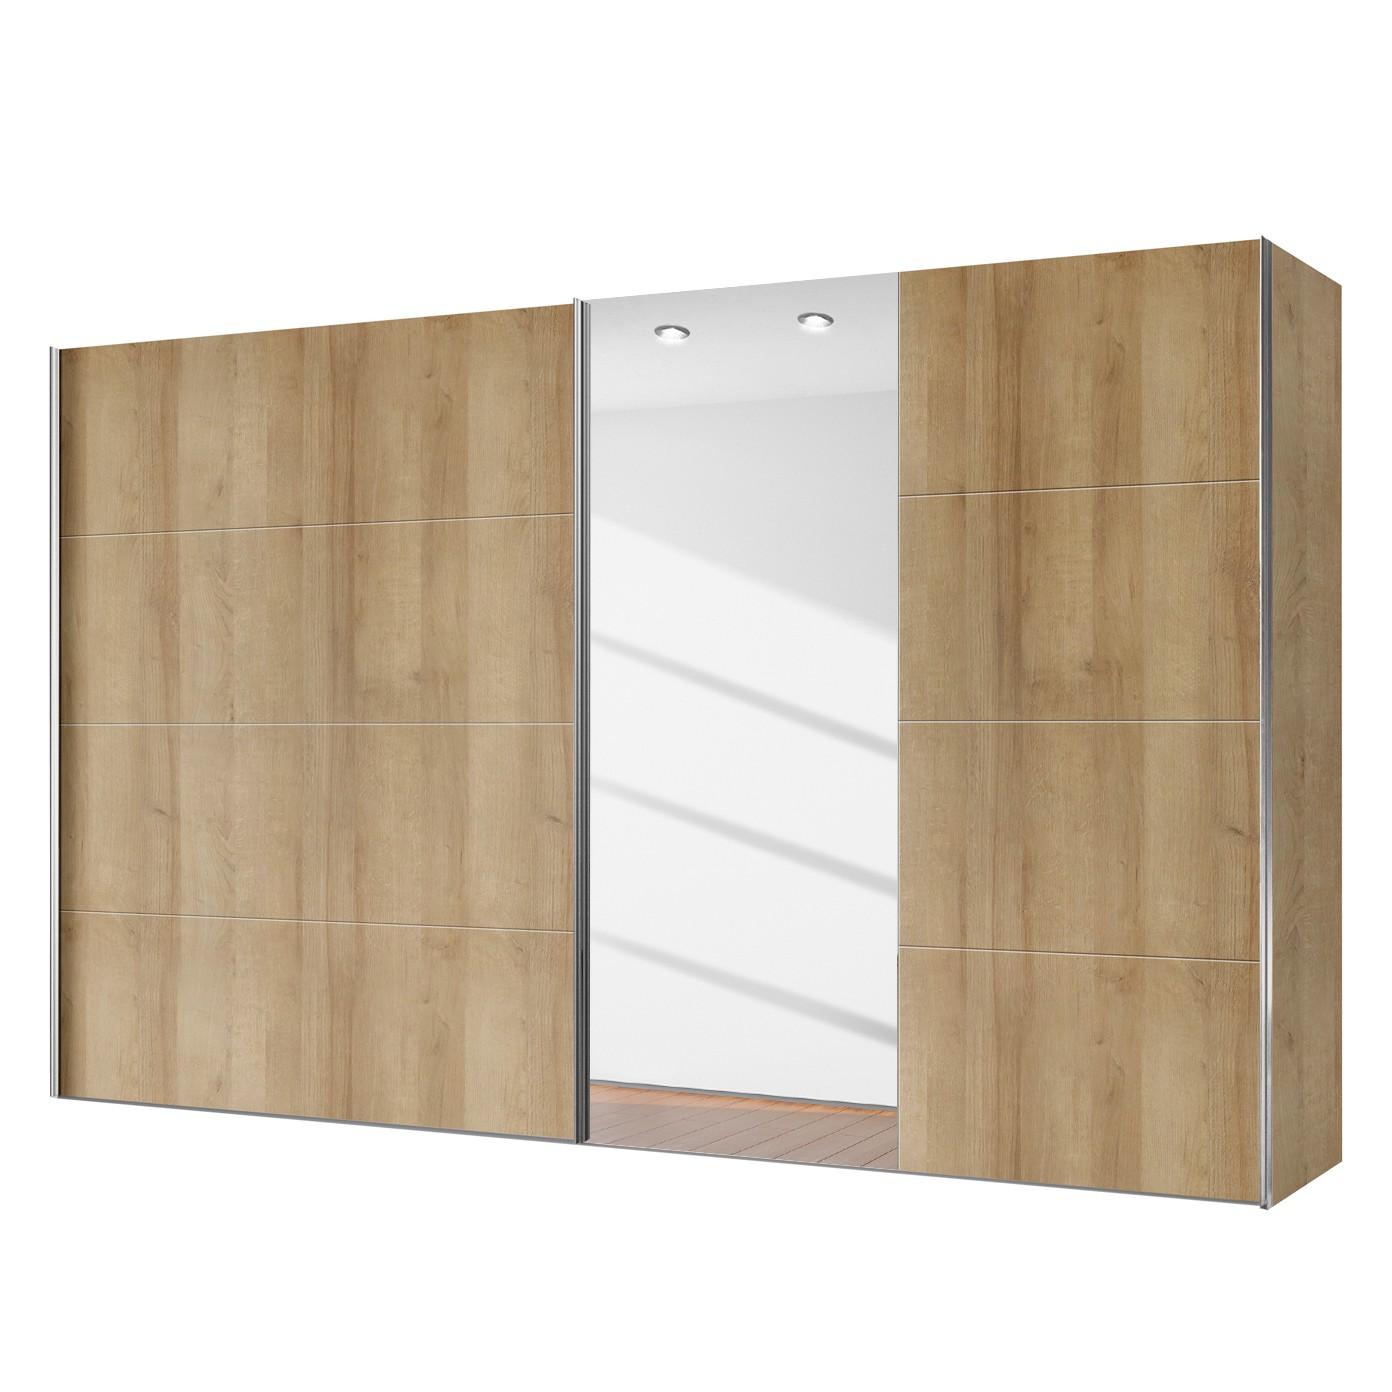 Armoire à portes coulissantes Willows - Imitation chêne de Riviera / Verre de miroir - 300 cm (2 portes), Express Möbel